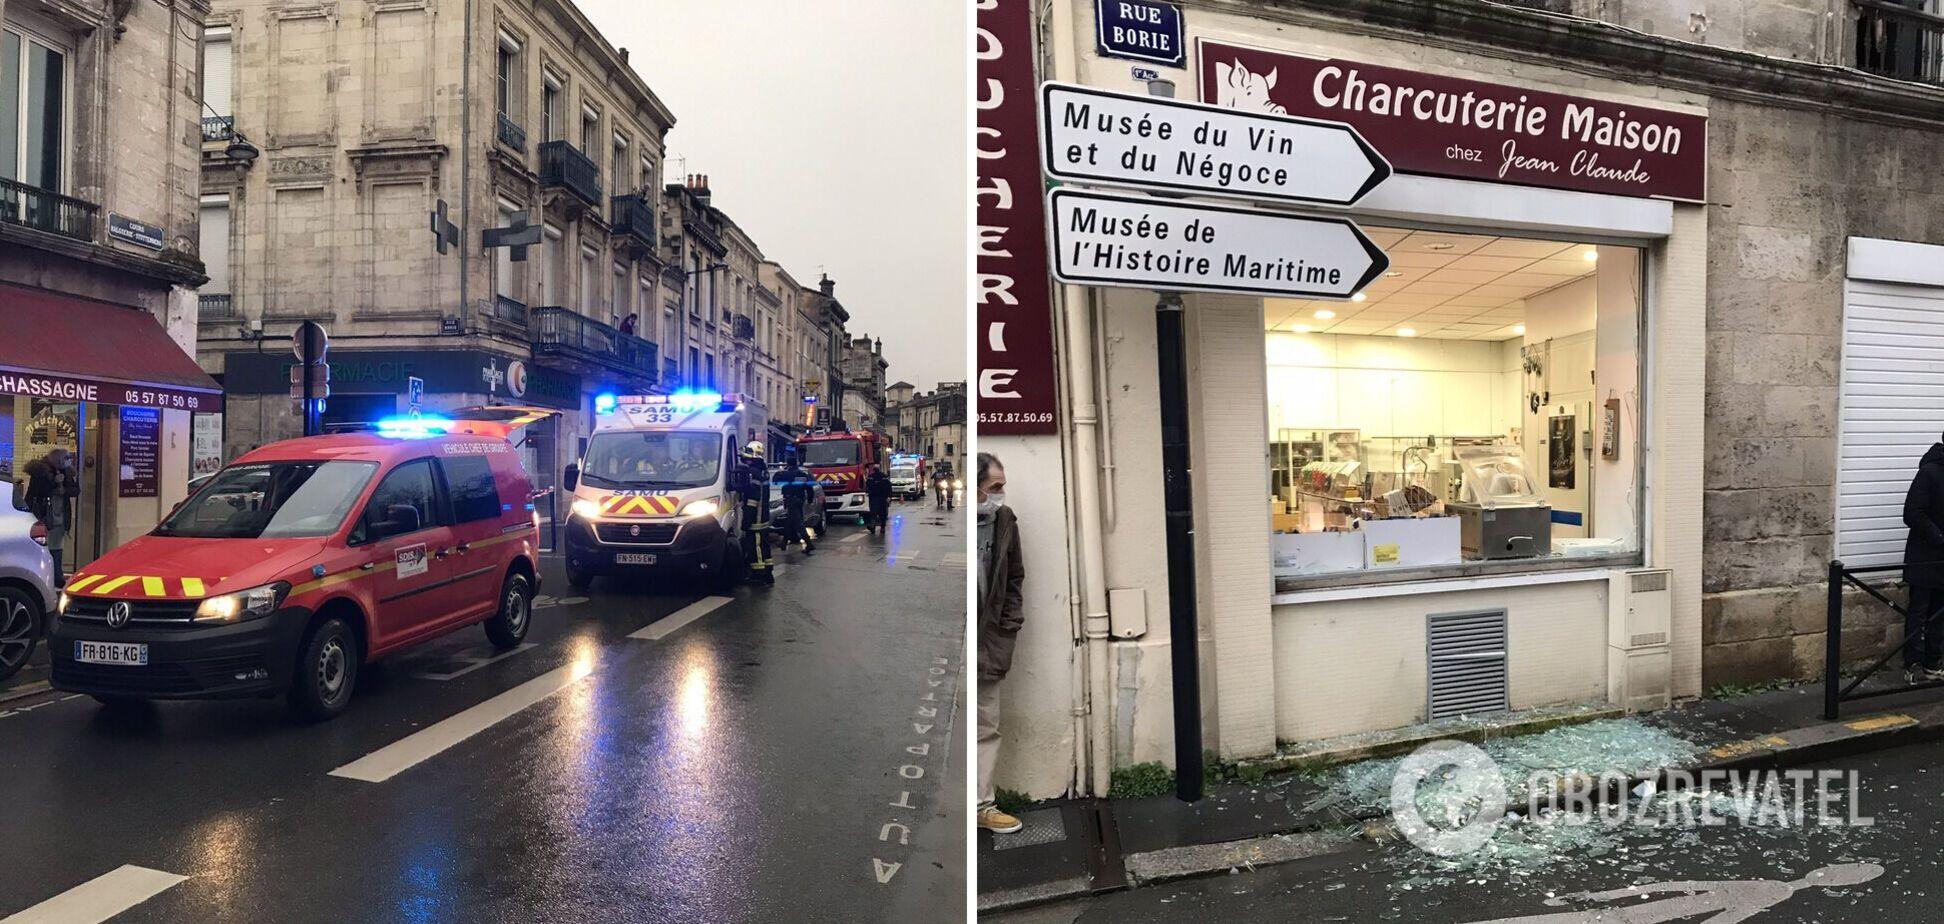 У Франції в житловому будинку прогримів вибух, є поранені. Відео